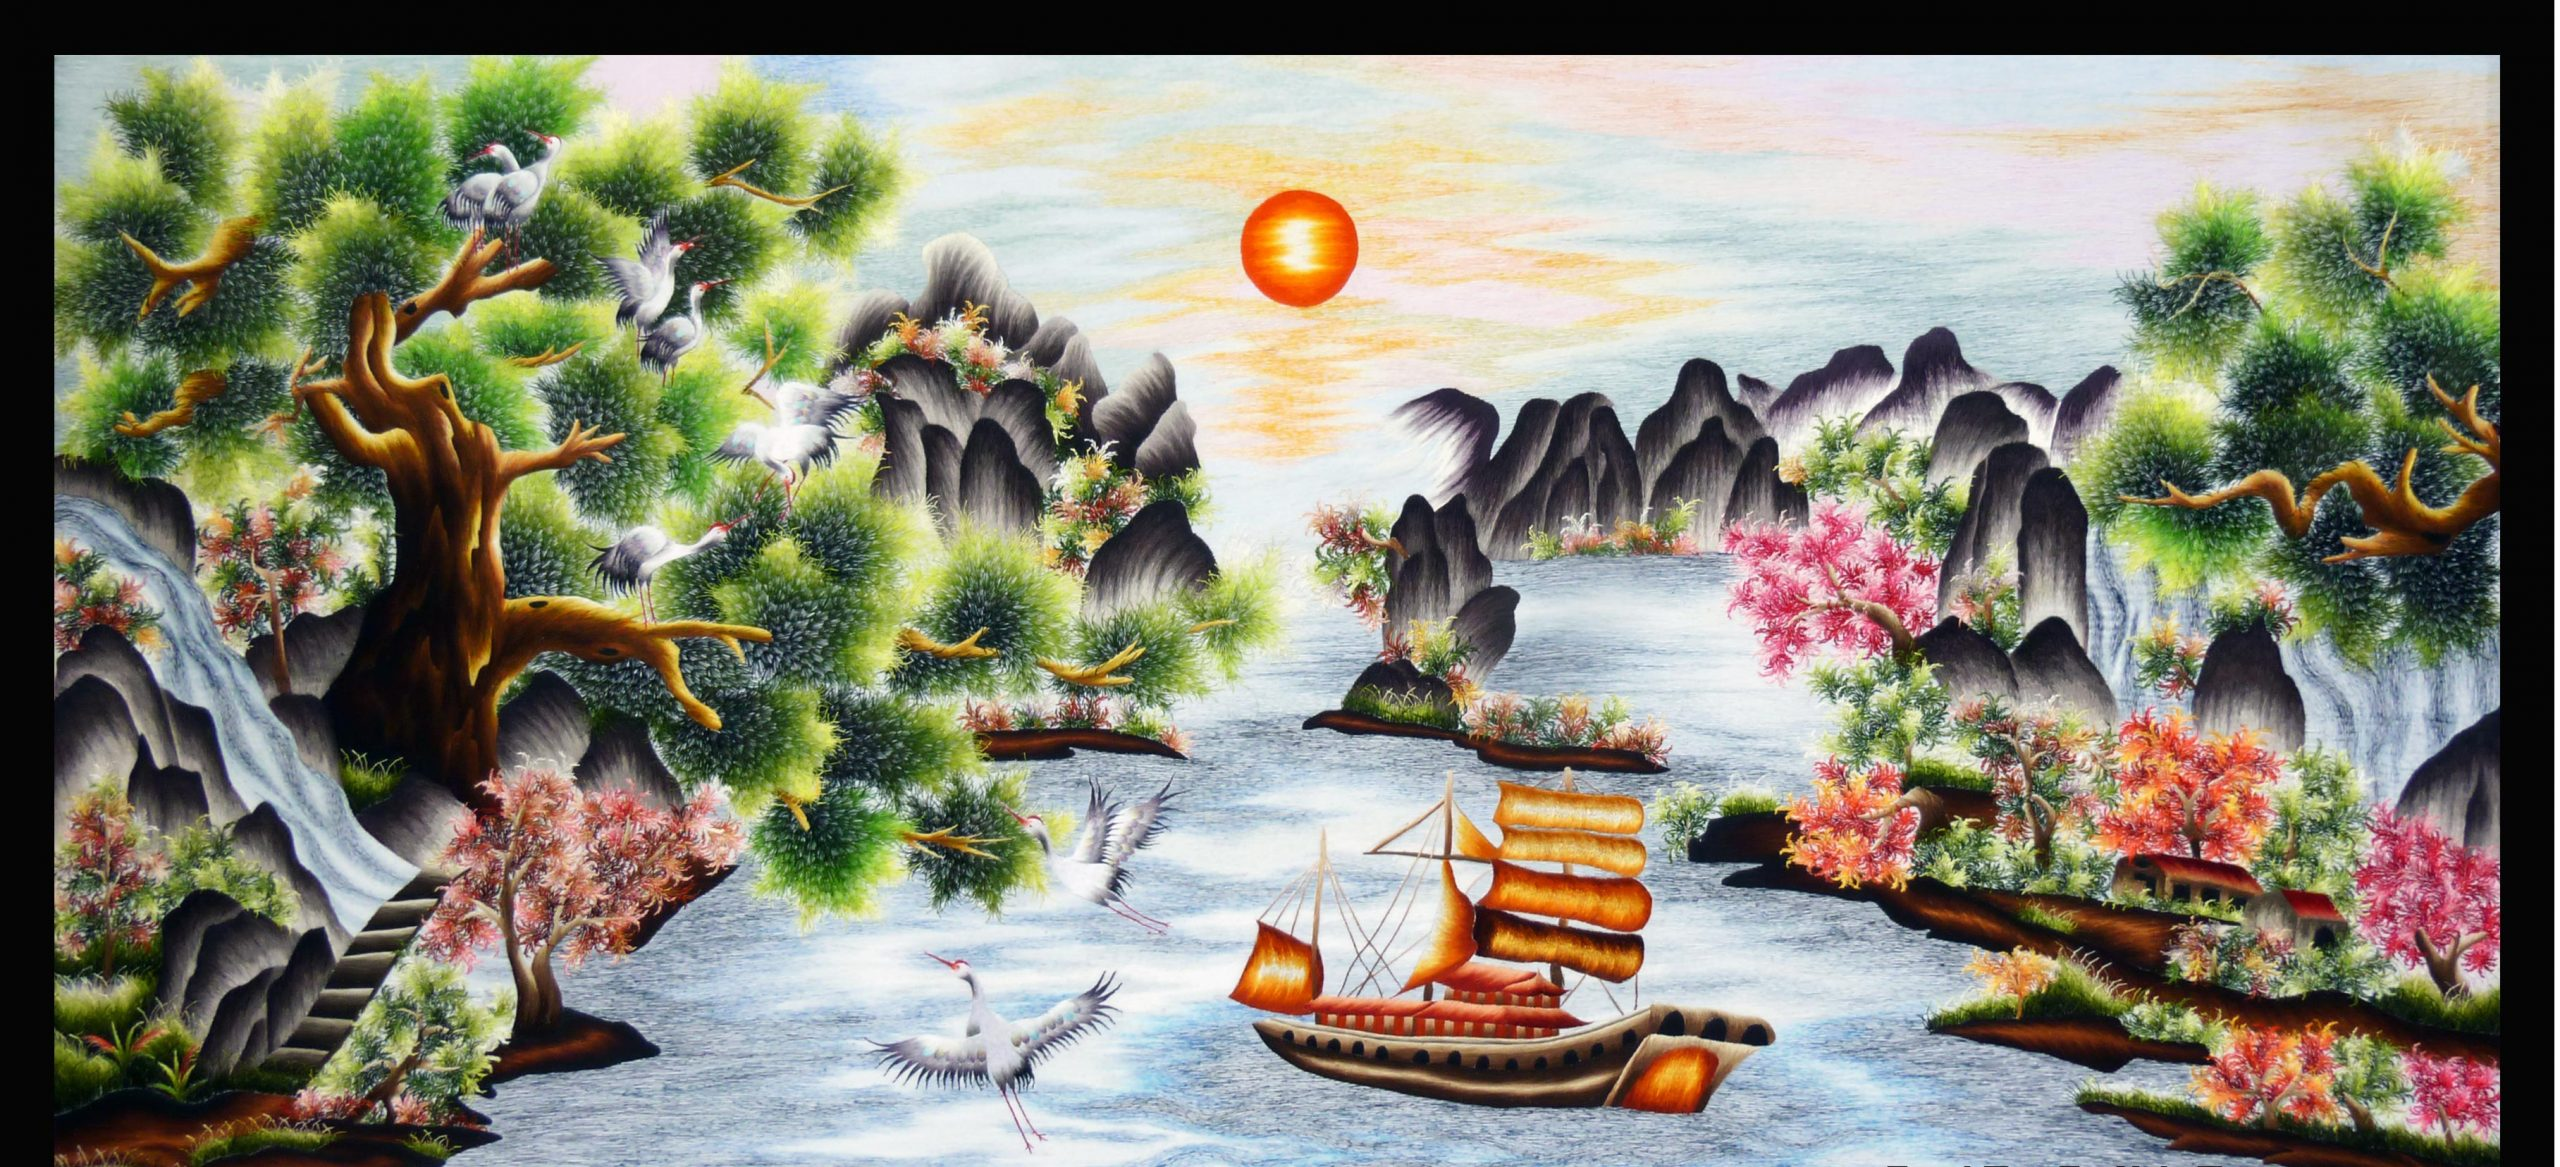 Tranh thêu thuận buồm xuôi gió và ý nghĩa phong thủy trong năm 2020 6